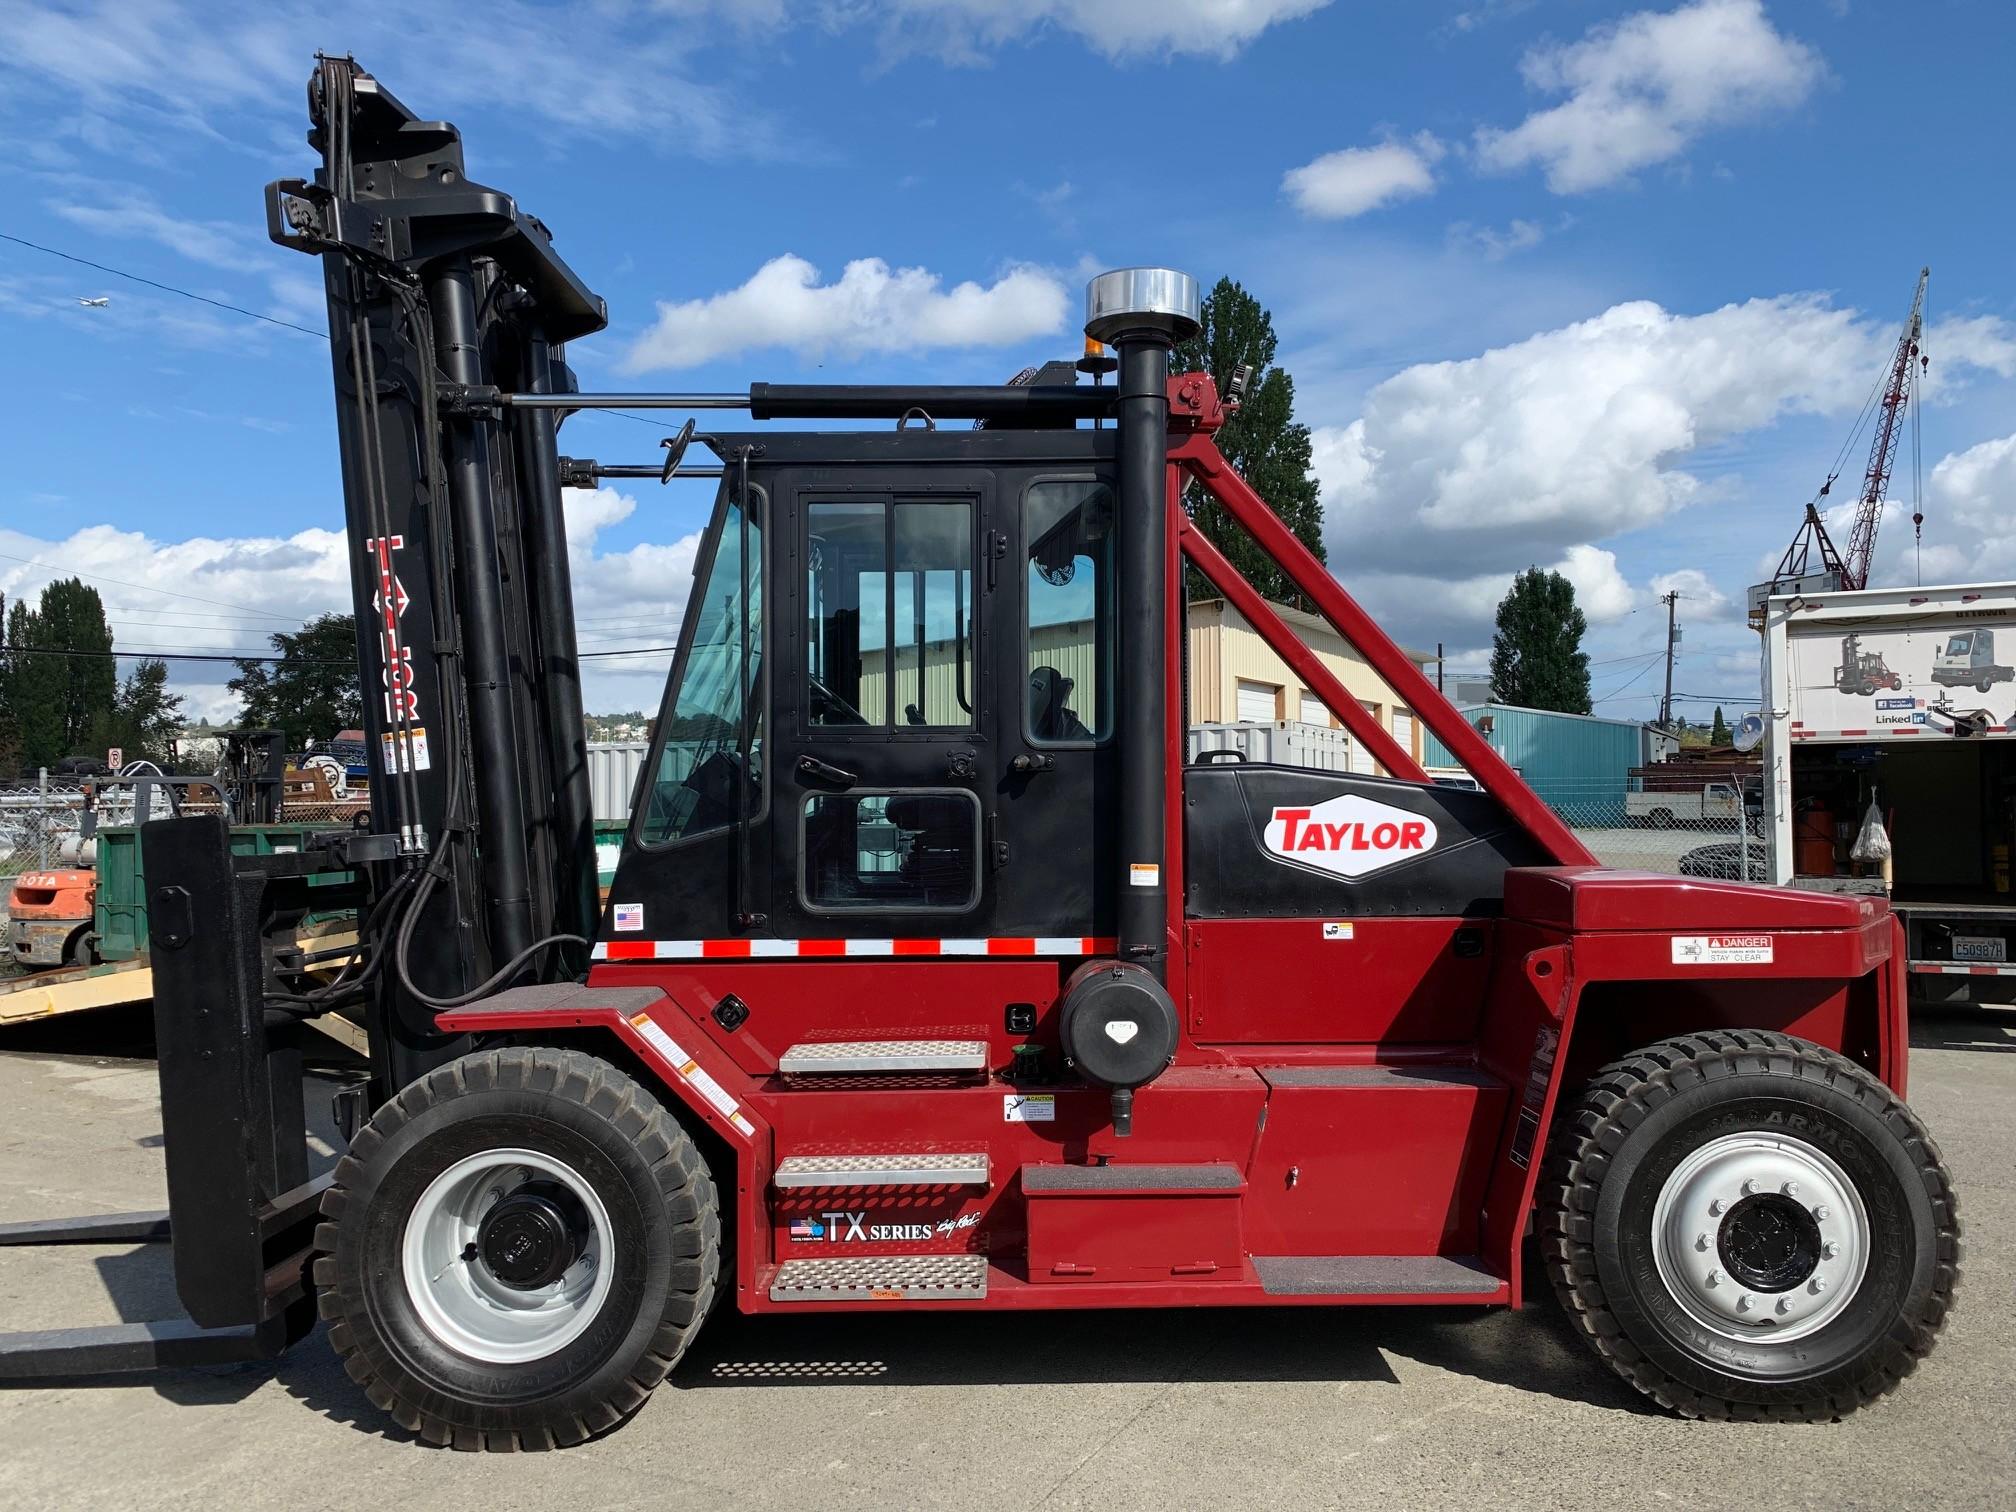 Used, 2007, Taylor, TX360L, Forklifts / Lift Trucks